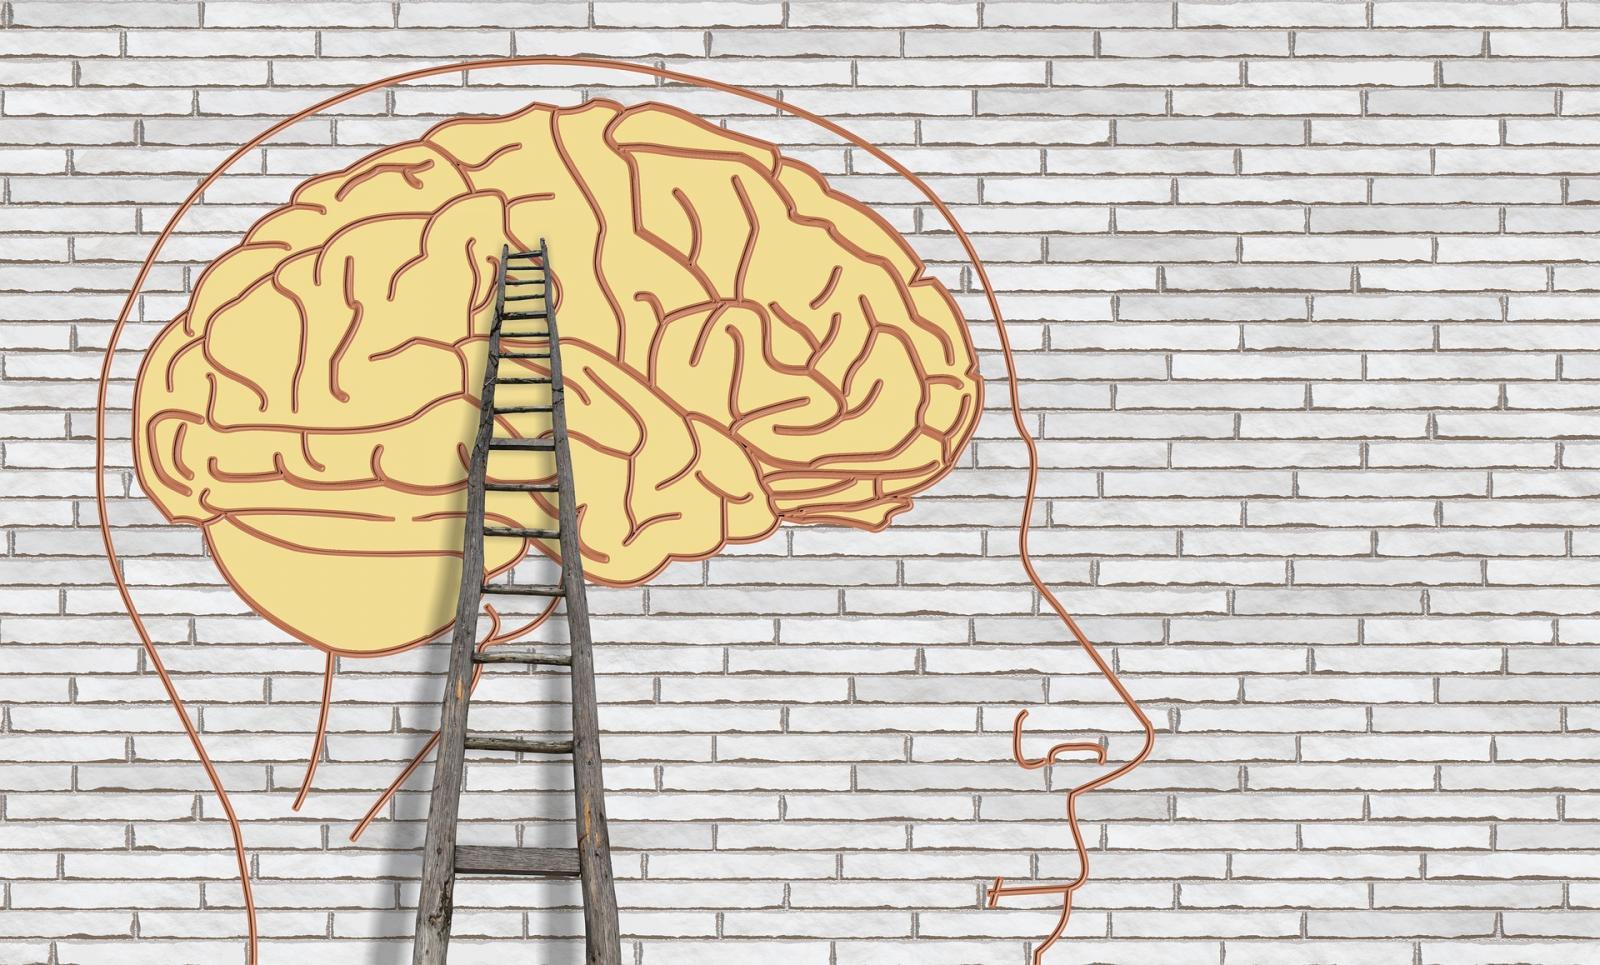 Isolement-contention en psychiatrie : comment réformer ?